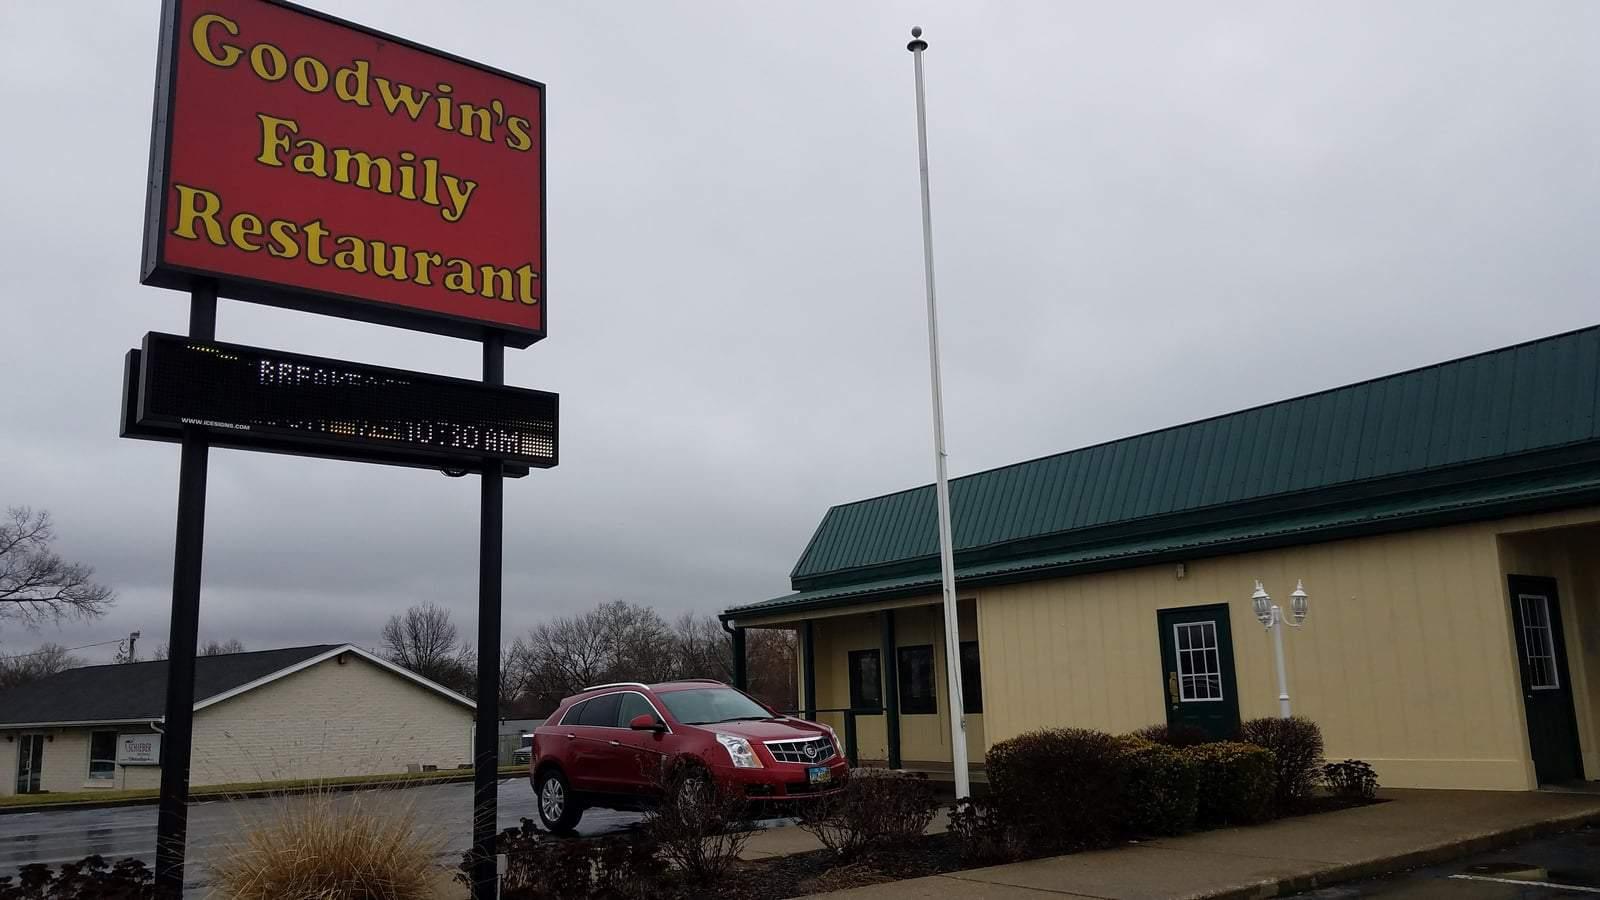 Goodwins Family Restaurant